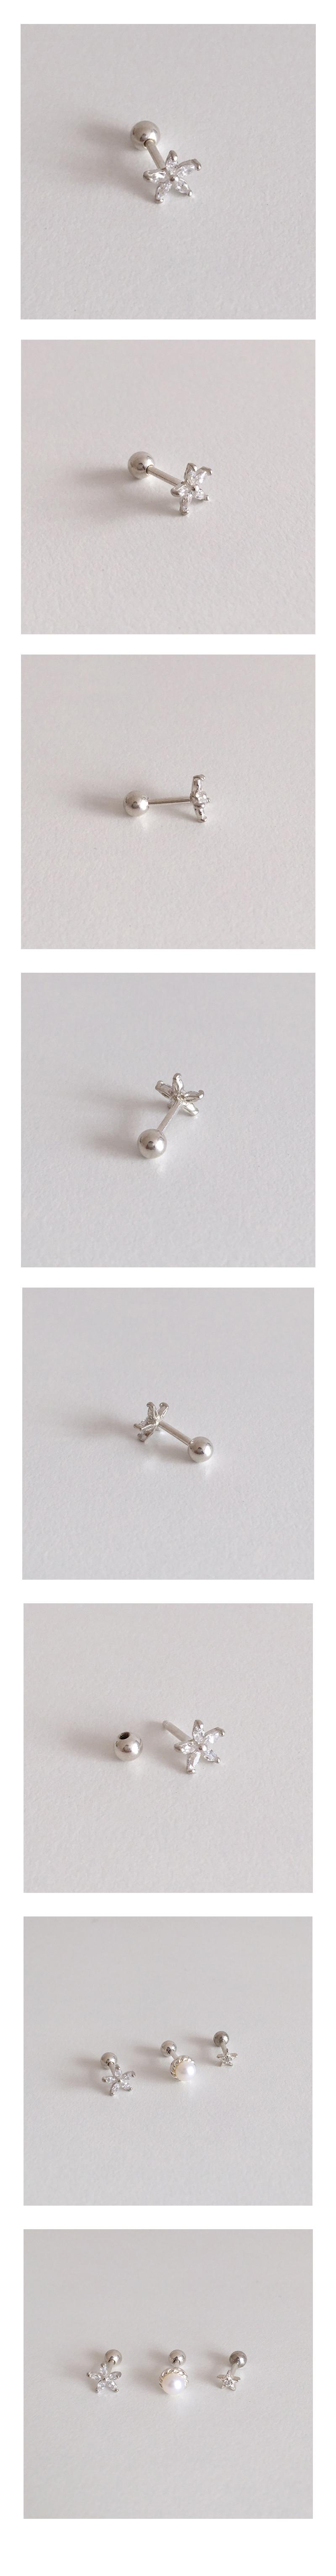 bloom piercing